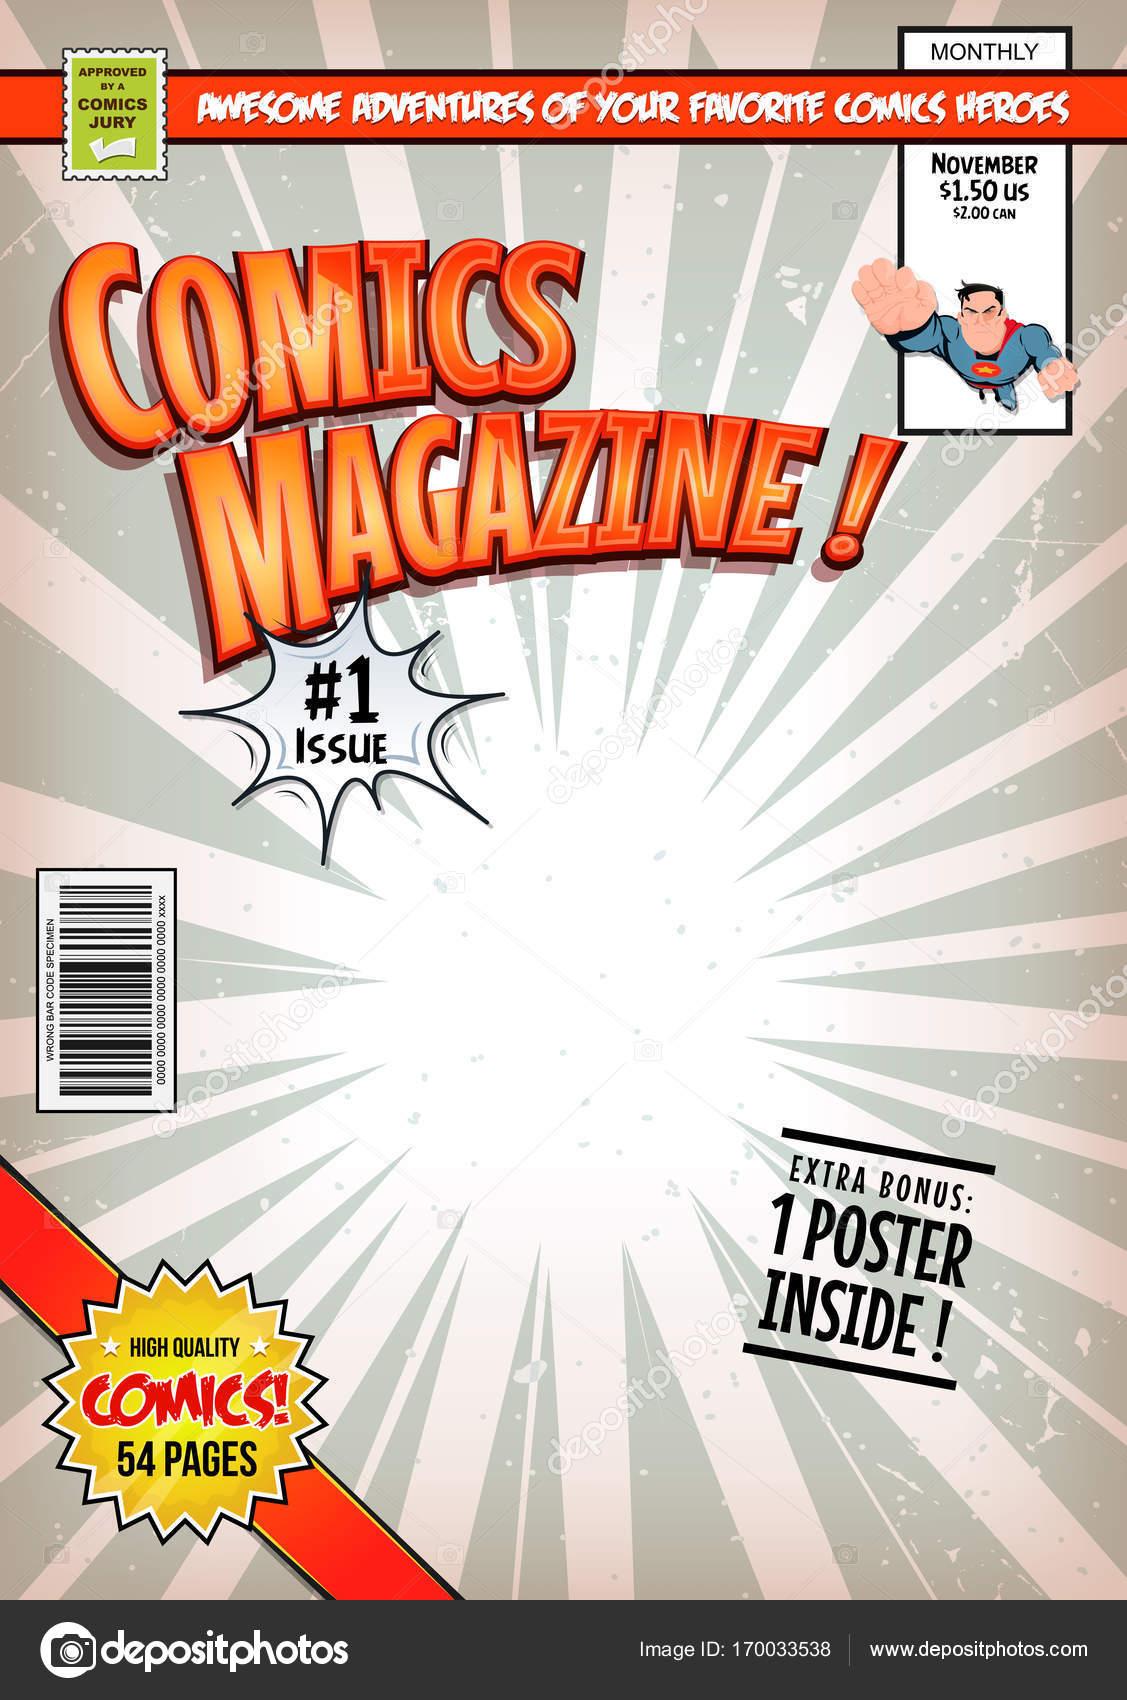 comic book cover template stock vector benchyb 170033538